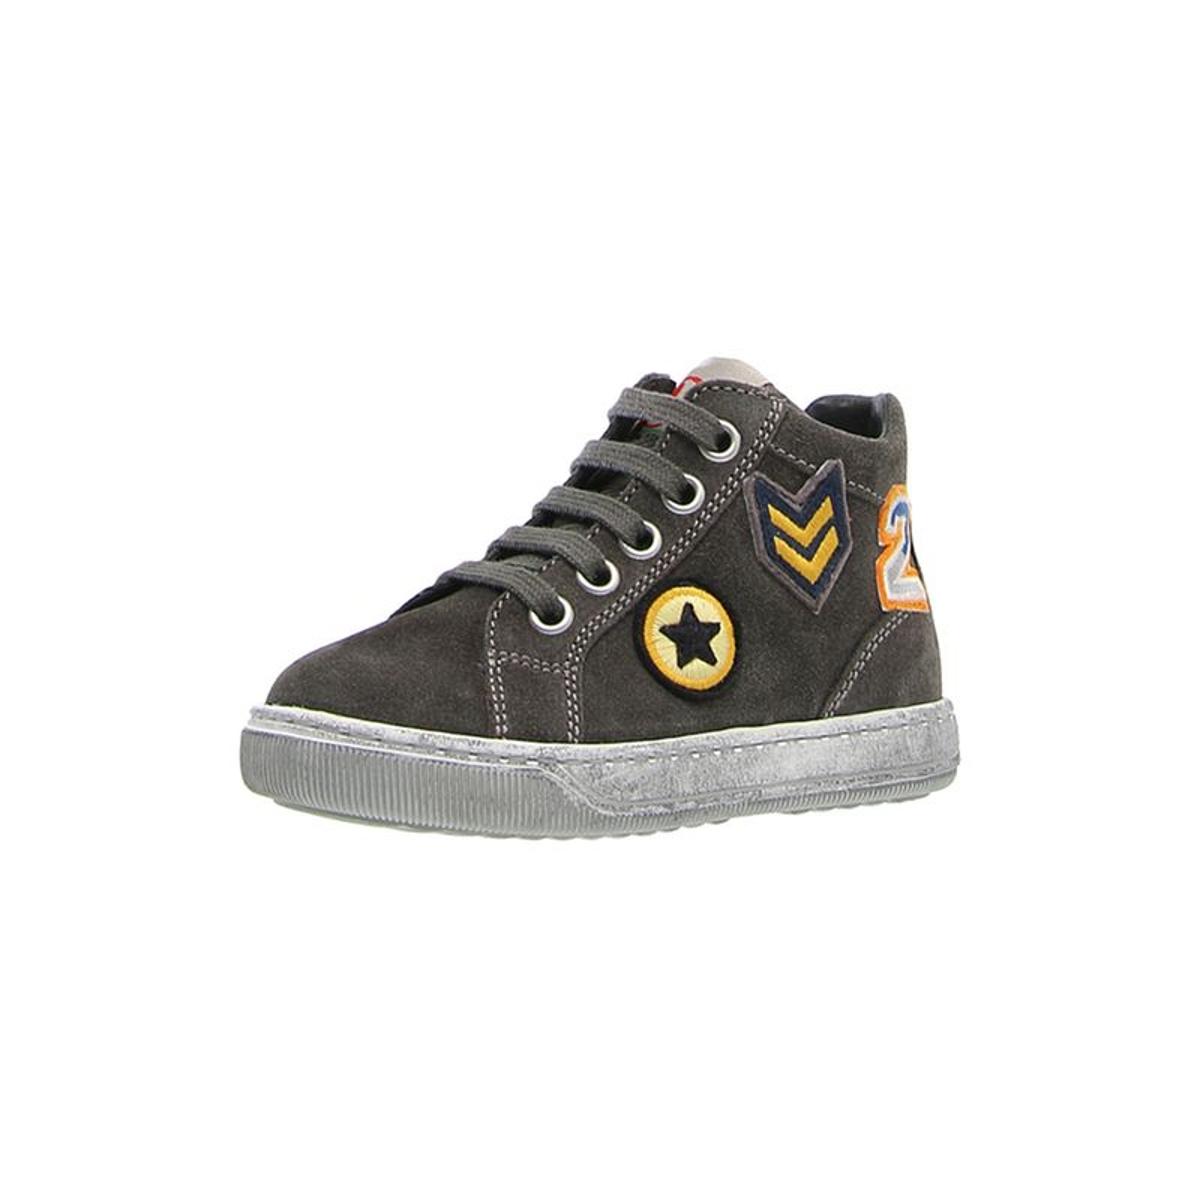 GROUND - Sneakers en cuir